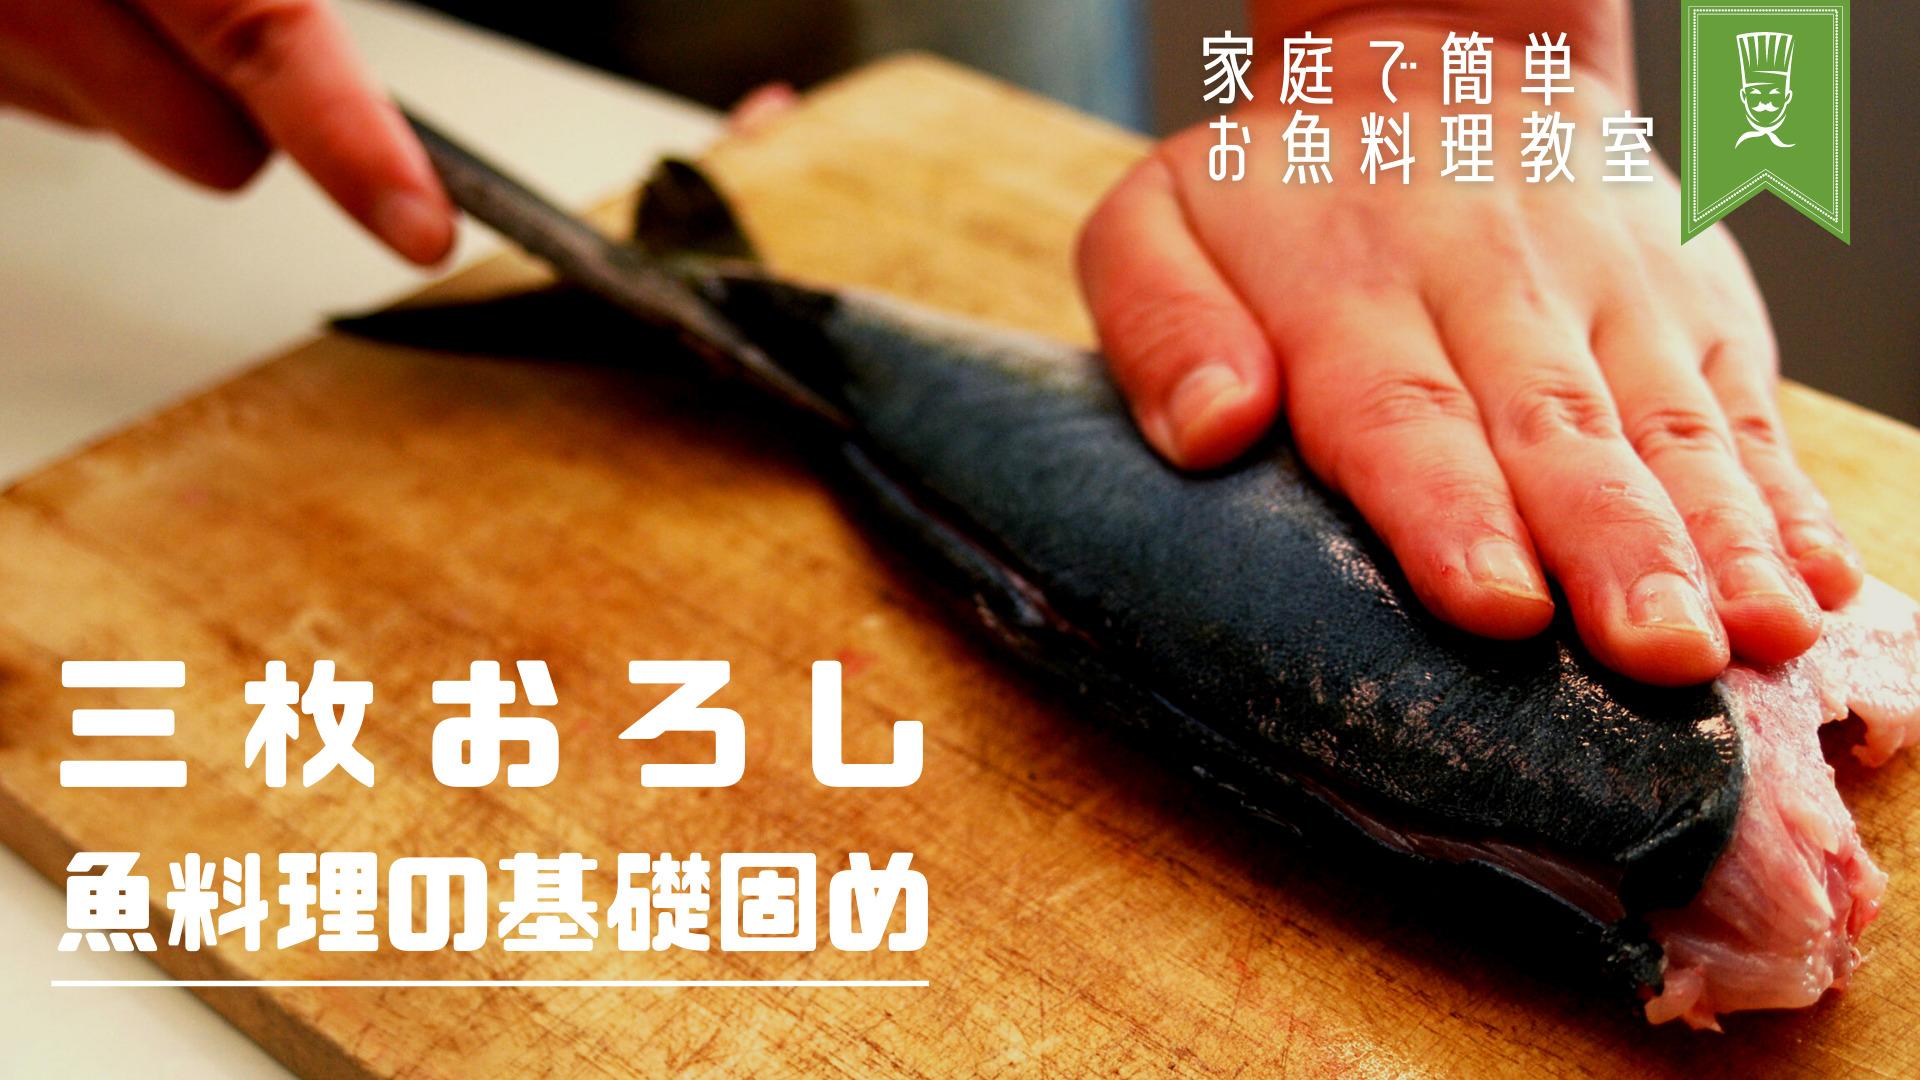 魚の三枚おろしの手順は初心者でも難しくない!料理ライターが調理基礎を解説_サムネイル